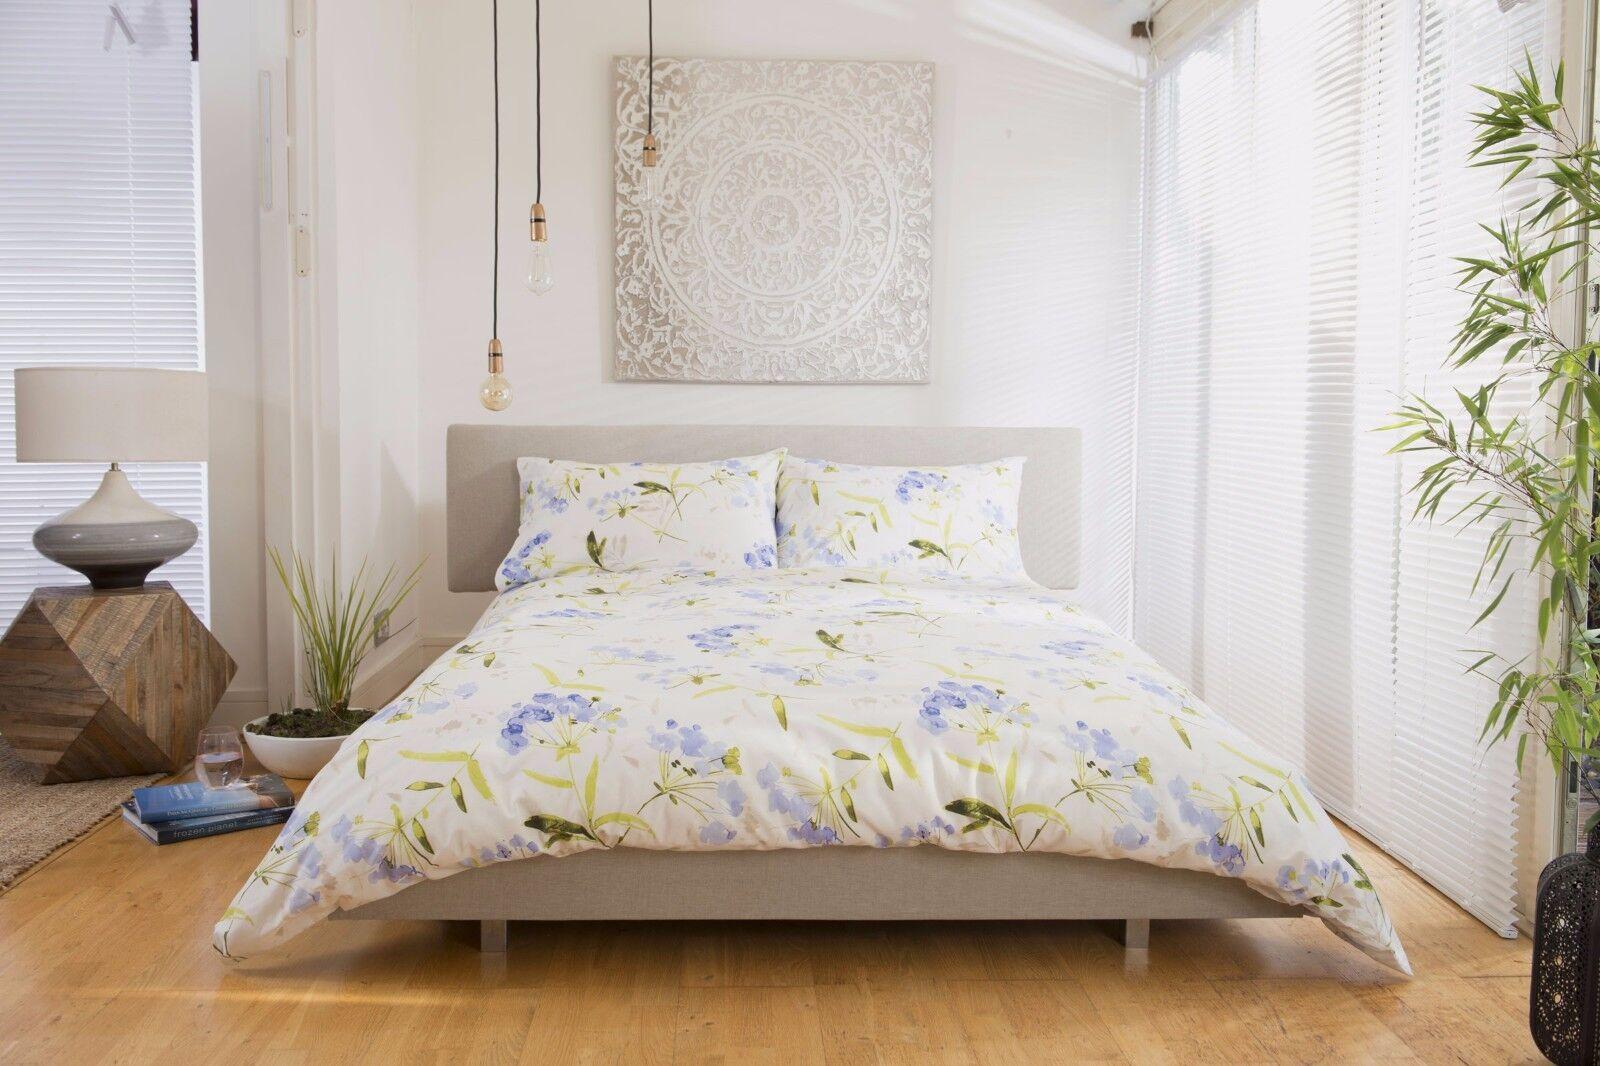 Blau Floral Design Duvet Cover Set Superking Bed Größe 260cm x 220cm